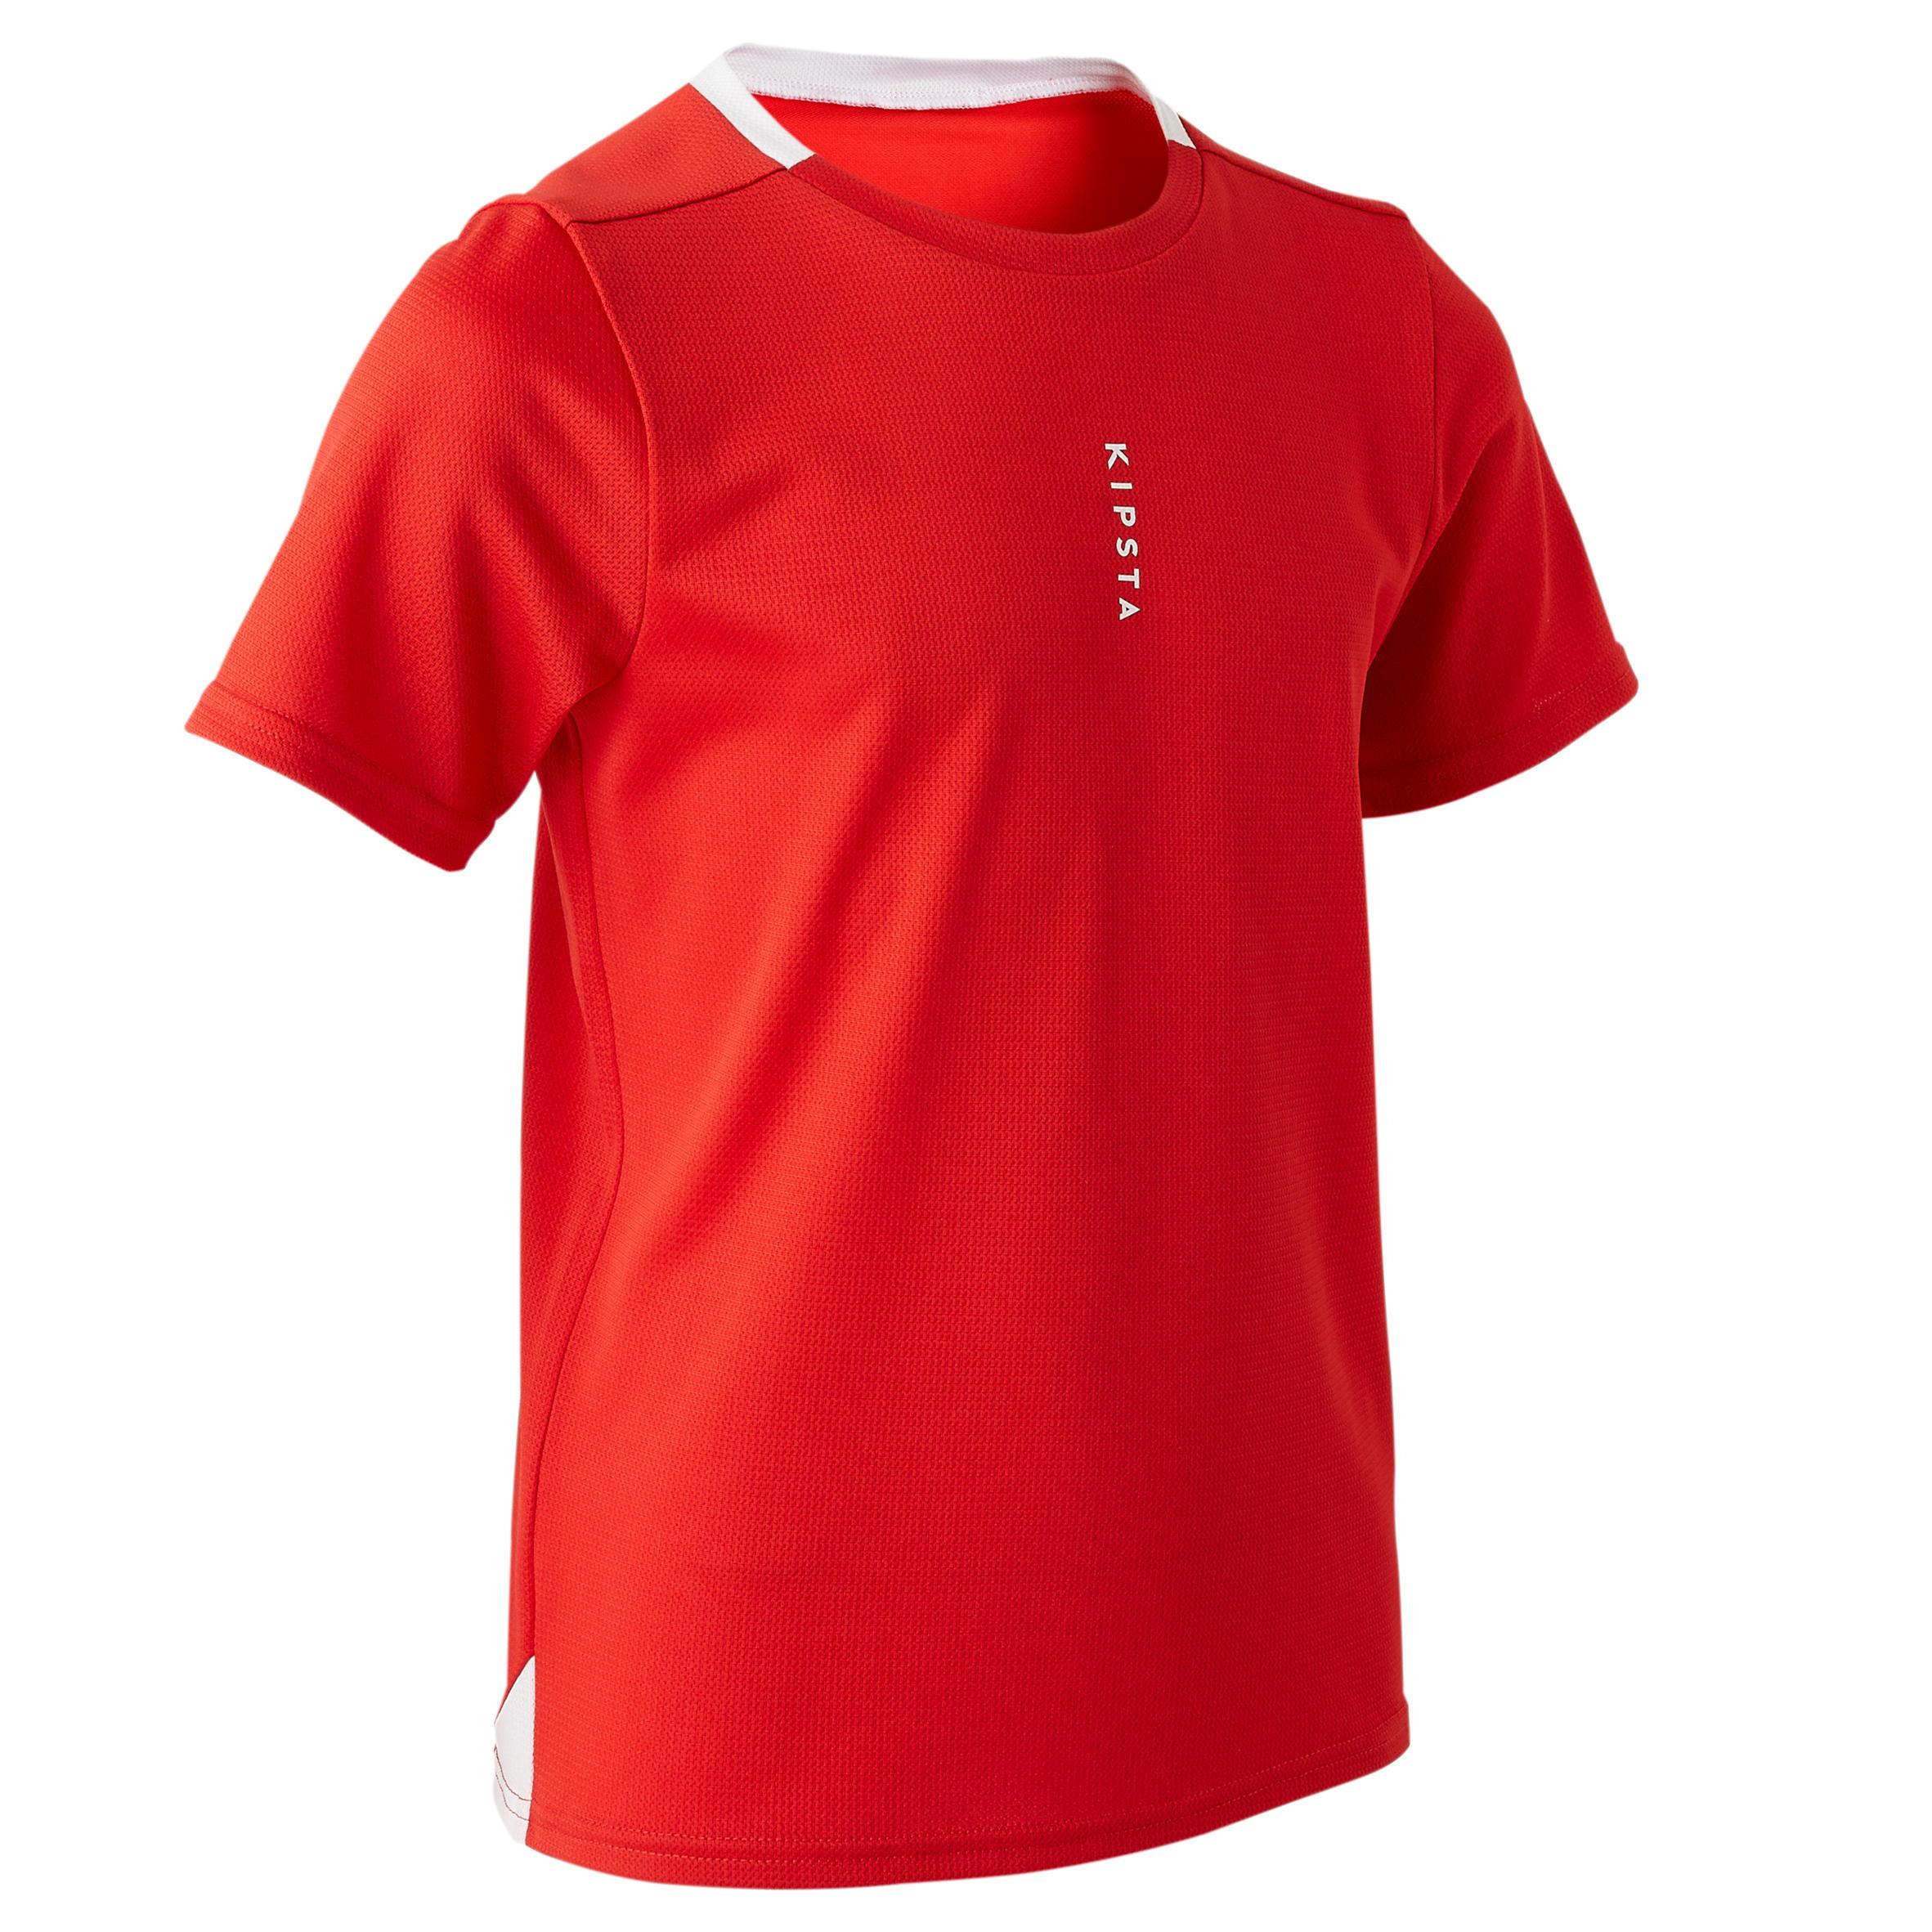 14107700c60 Voetbalshirts kopen online ← DECATHLON | Nergens goedkoper!